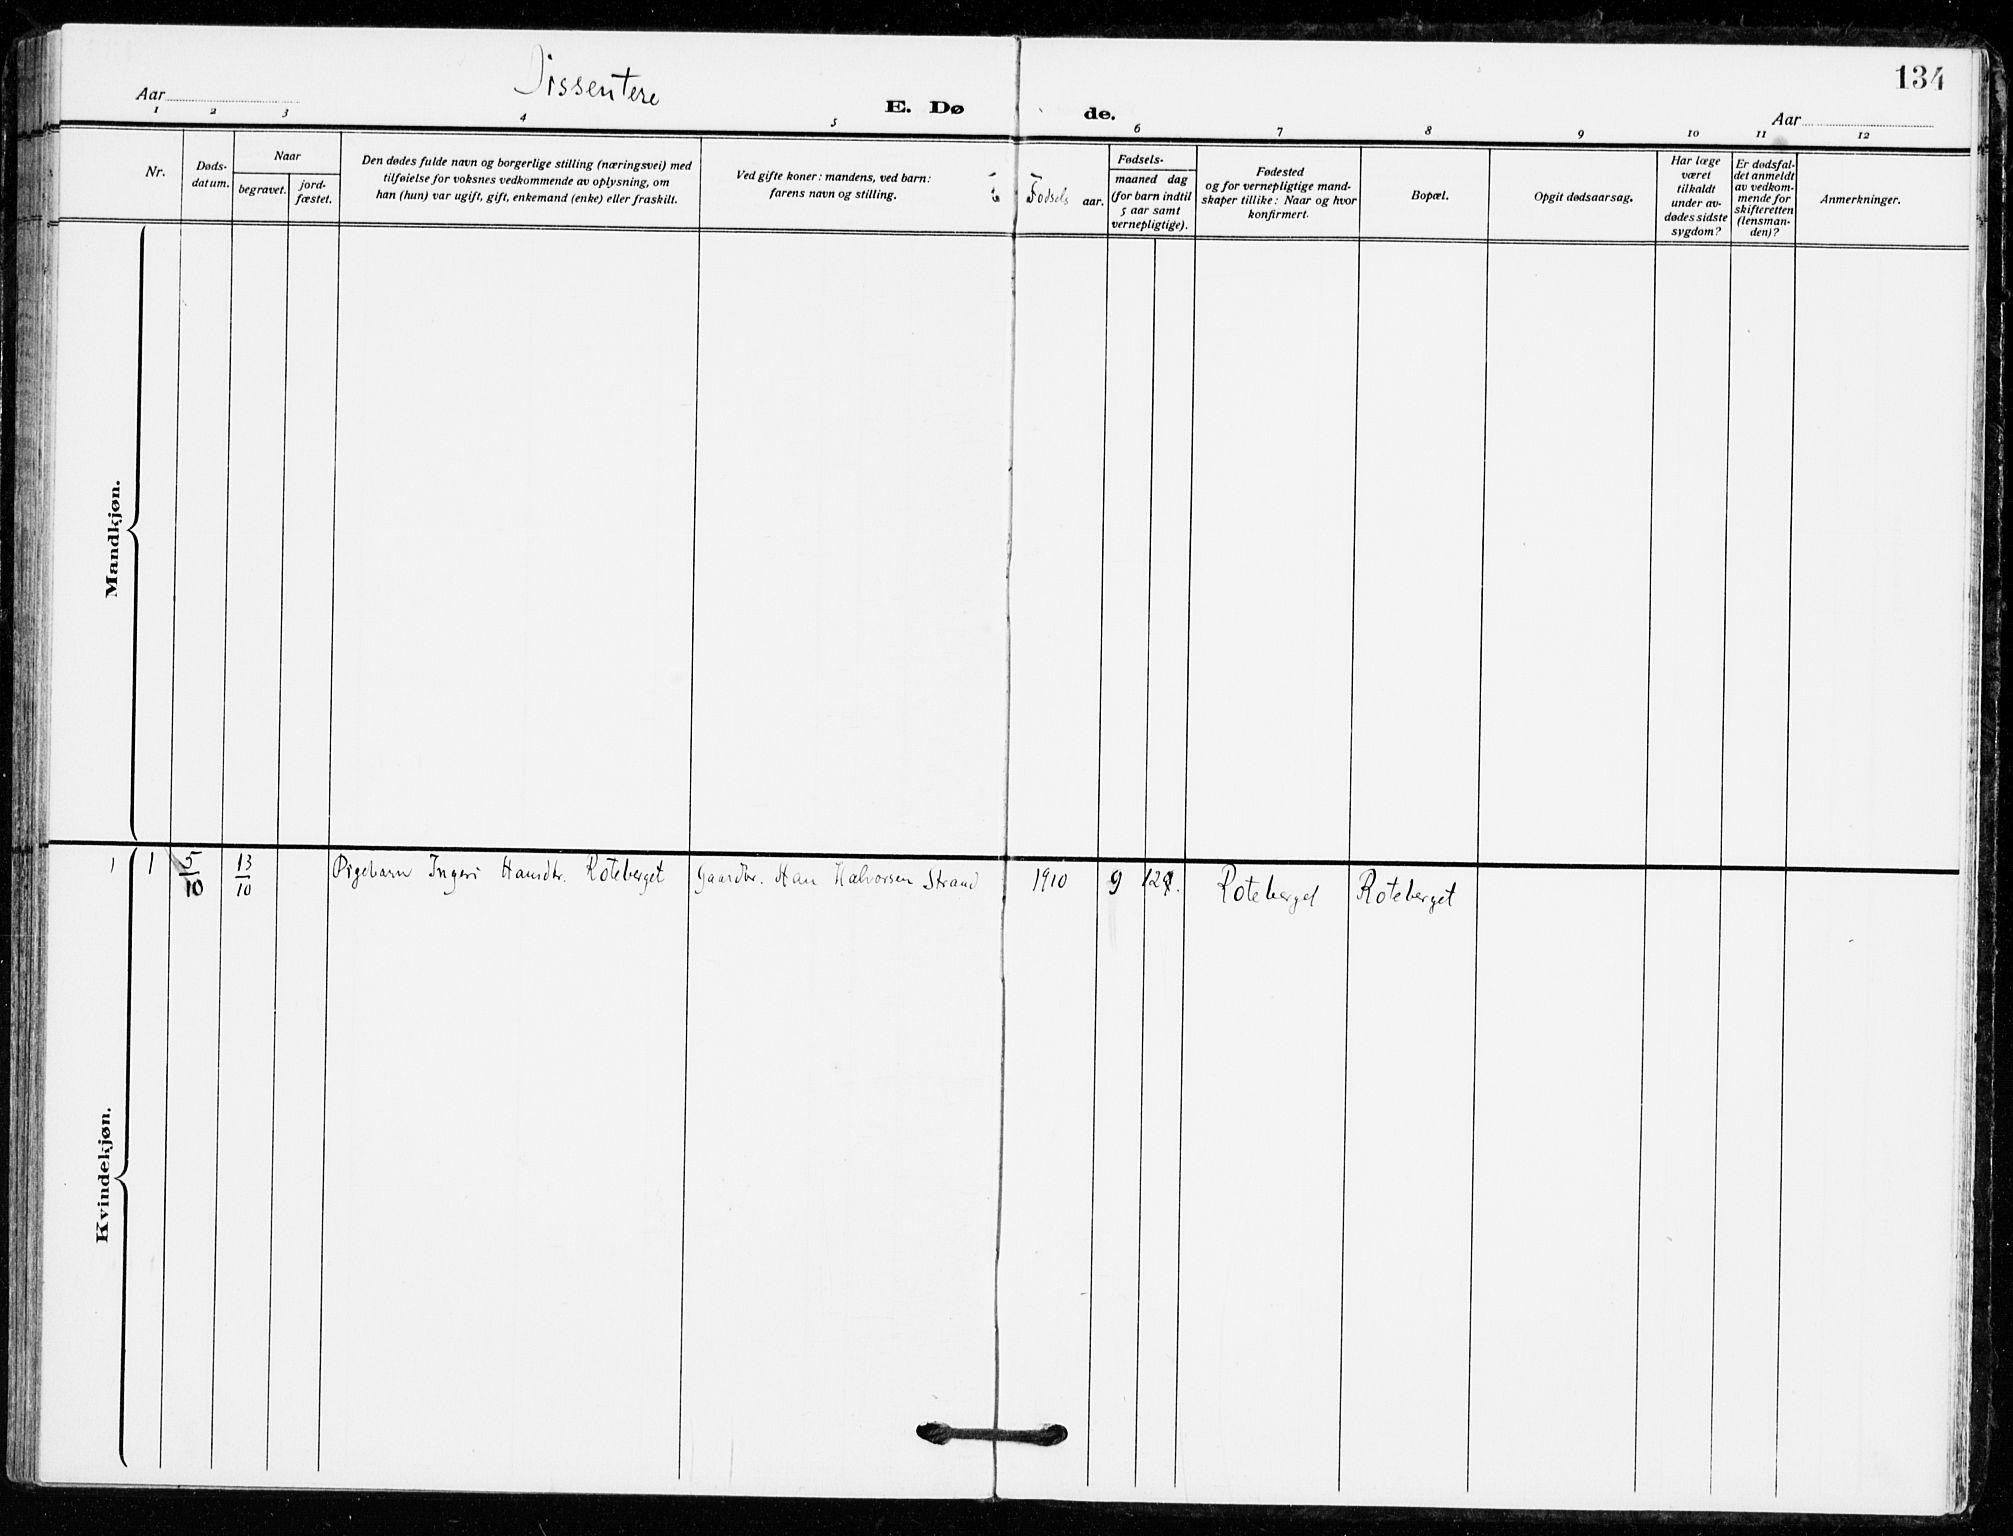 SAKO, Bø kirkebøker, F/Fa/L0013: Ministerialbok nr. 13, 1909-1921, s. 134